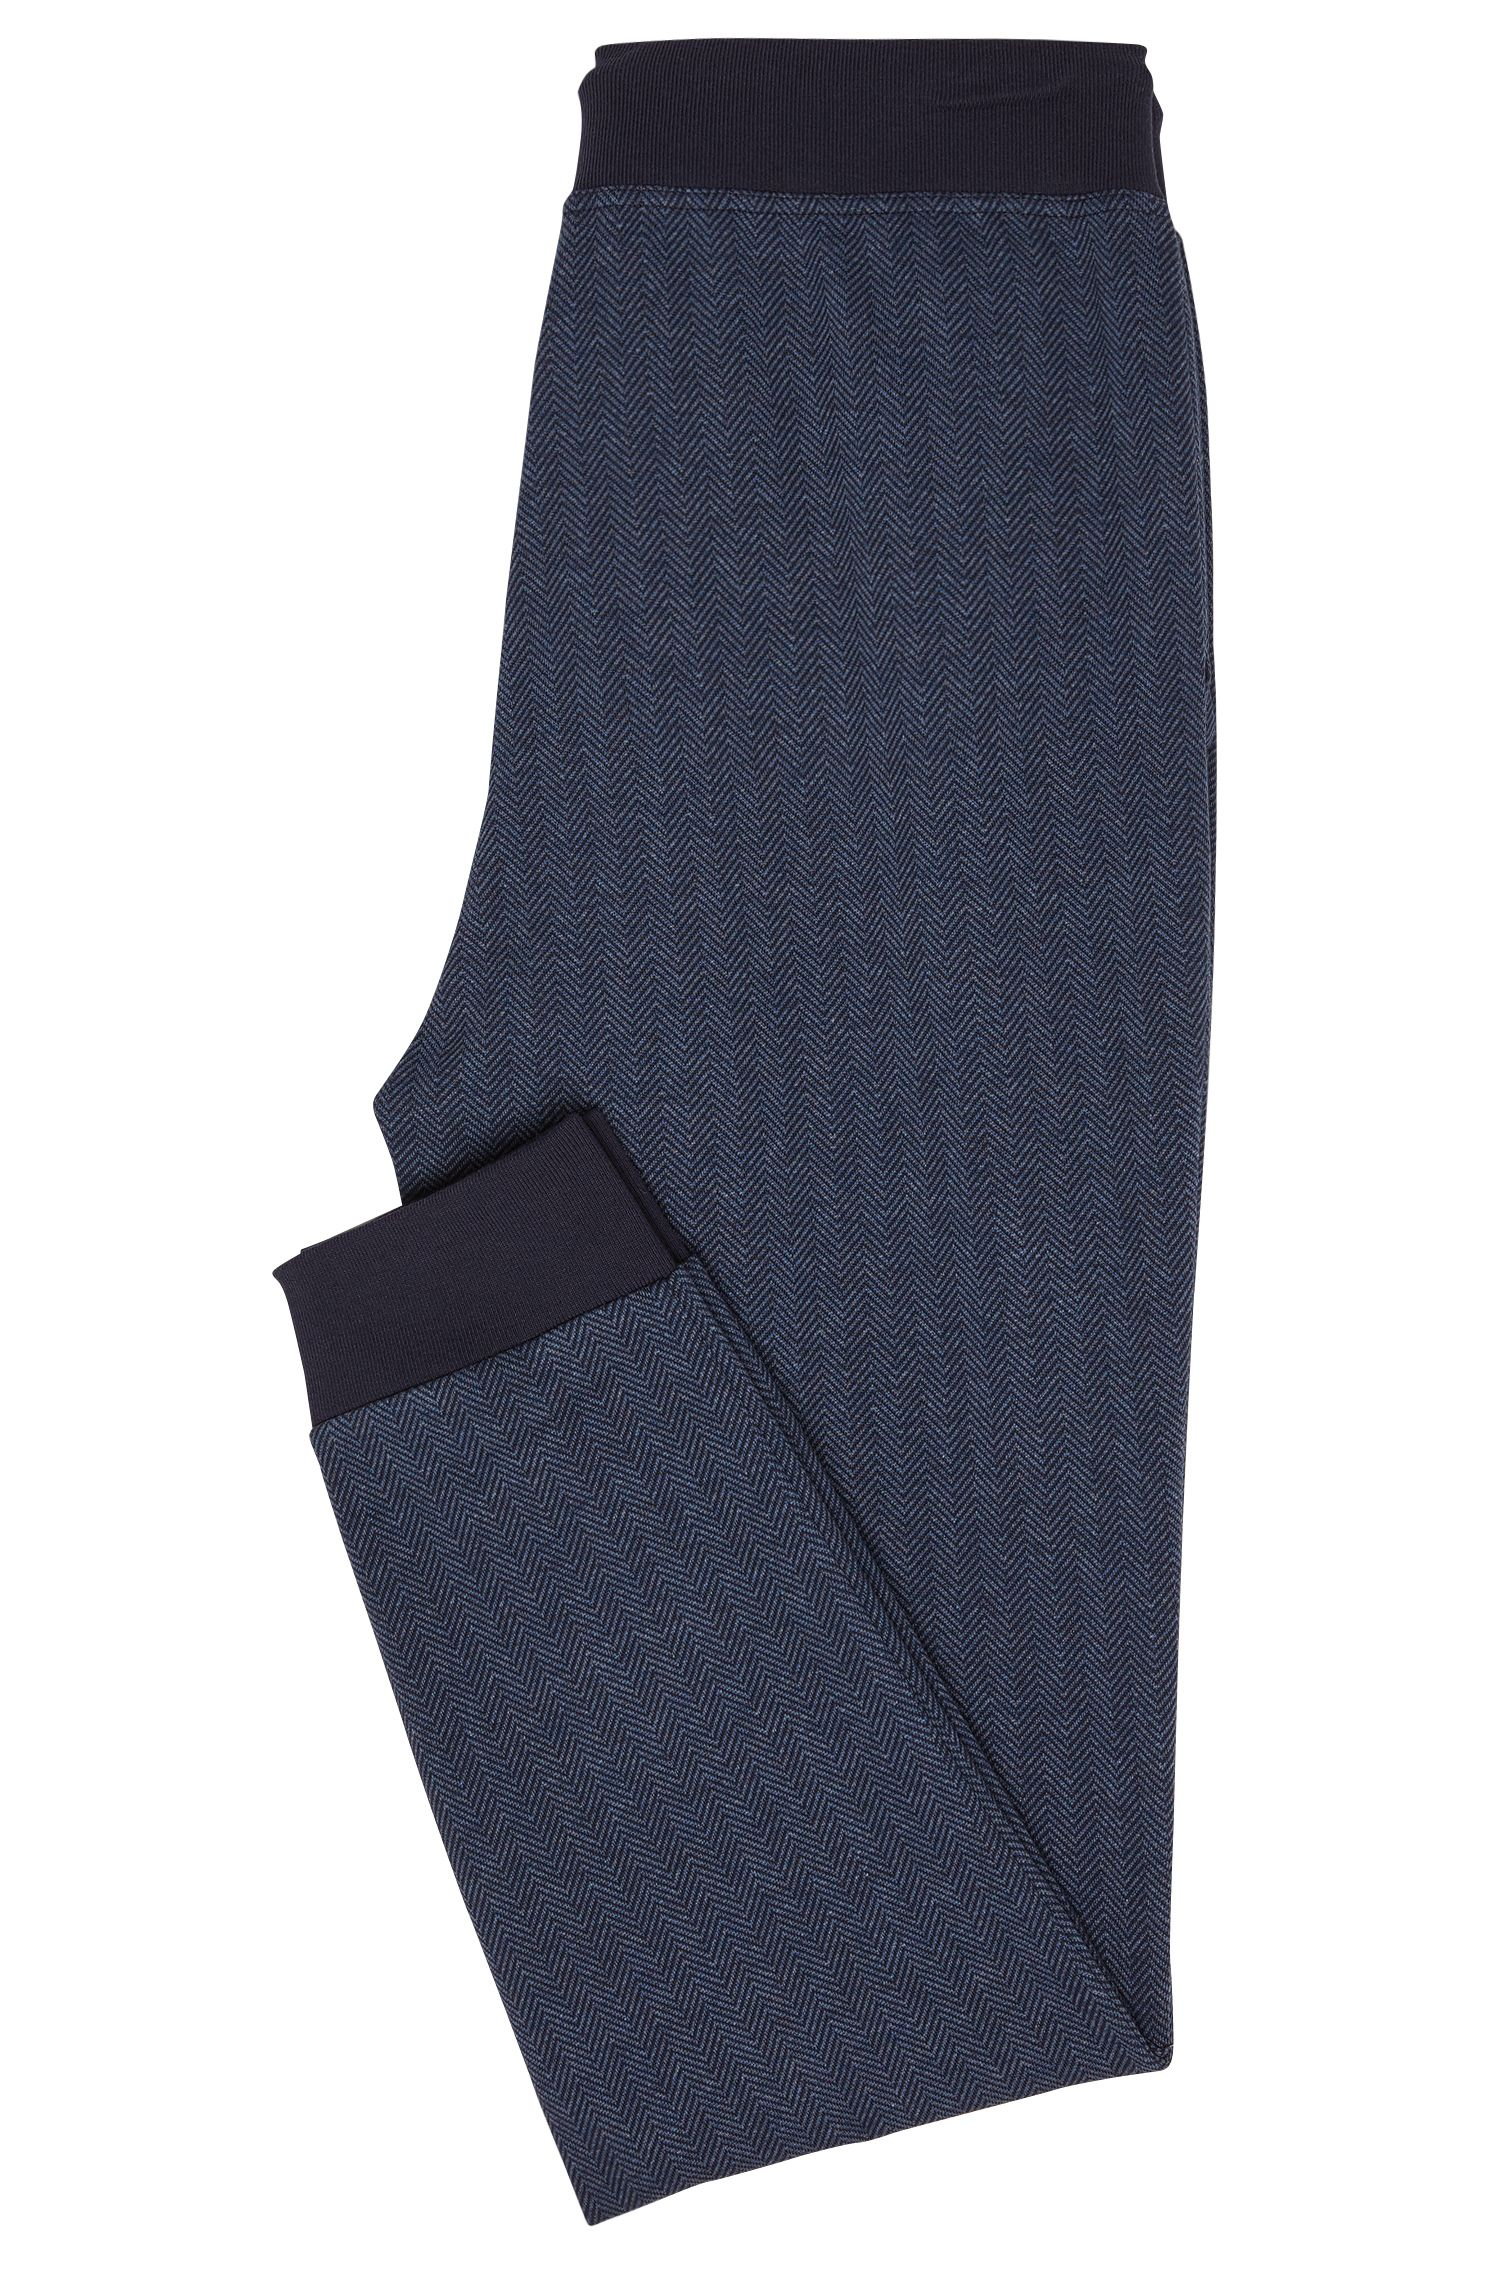 Cotton Jersey Lounge Pant | Long Pant Cuffs